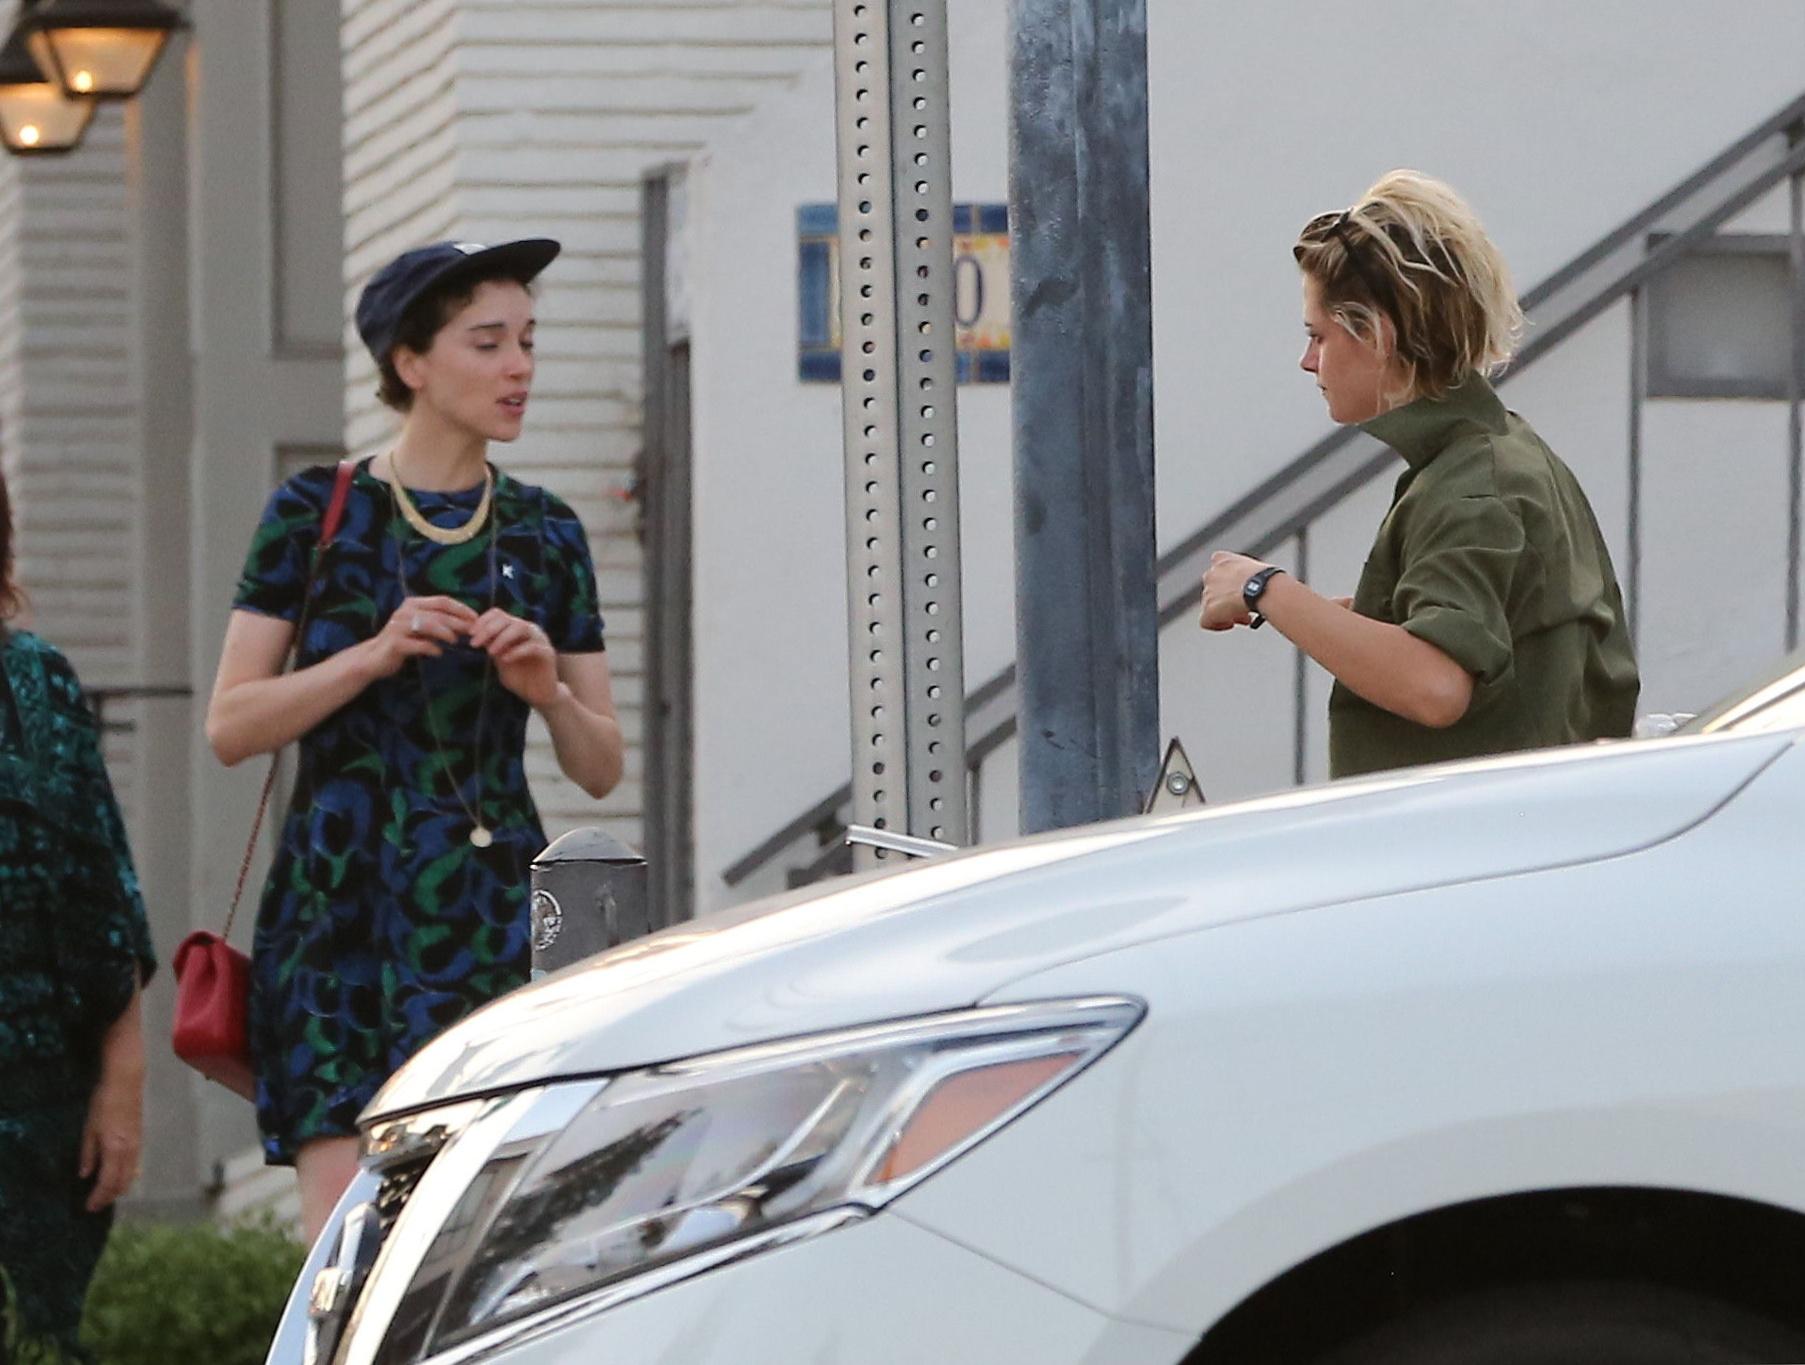 PREMIUM EXCLUSIVE Kristen Stewart and St Vincent dinner together_Part2